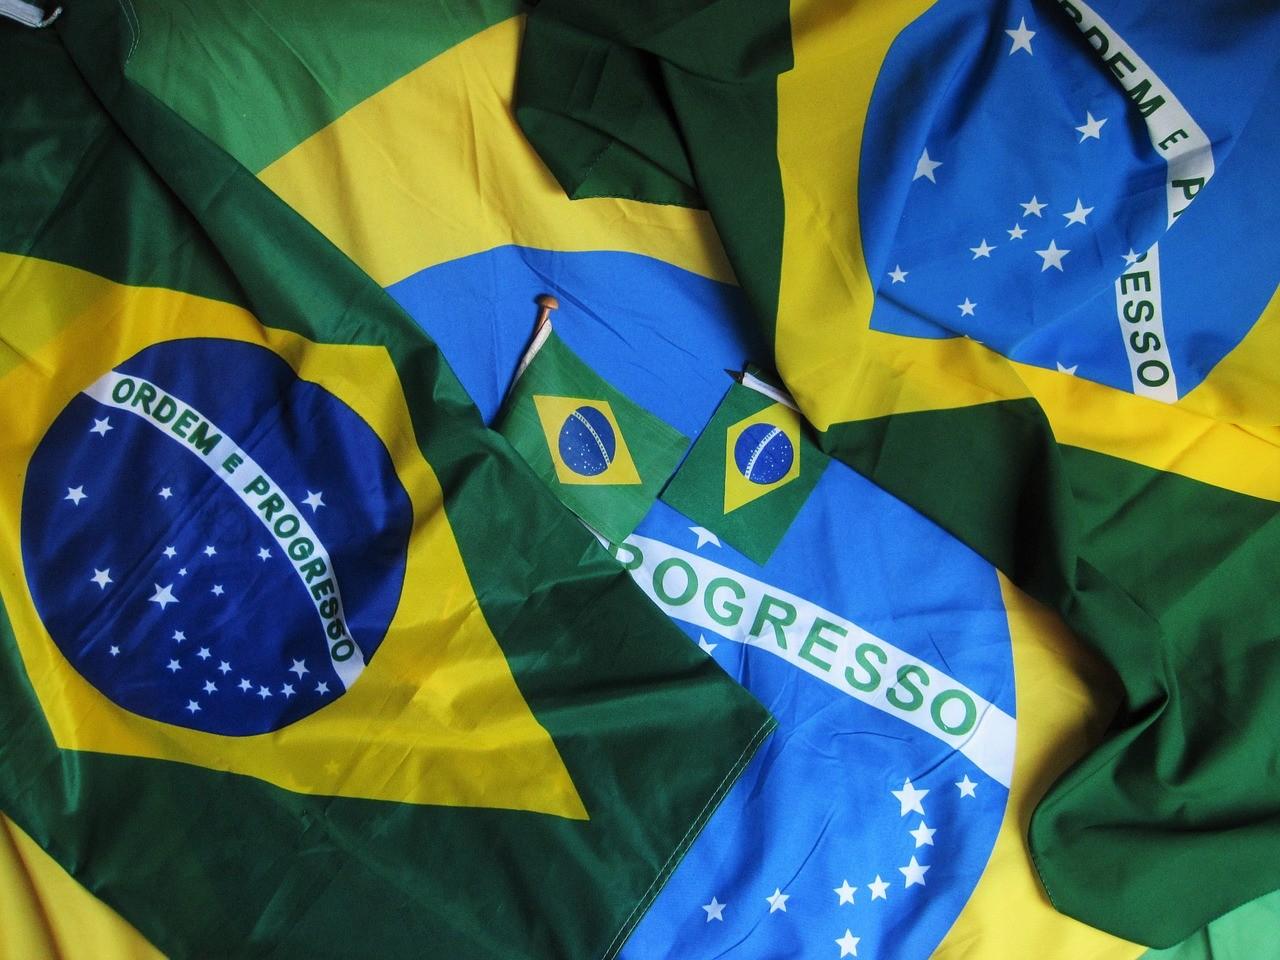 Brasil vence Canadá no vôlei masculino das Olimpíadas 2016